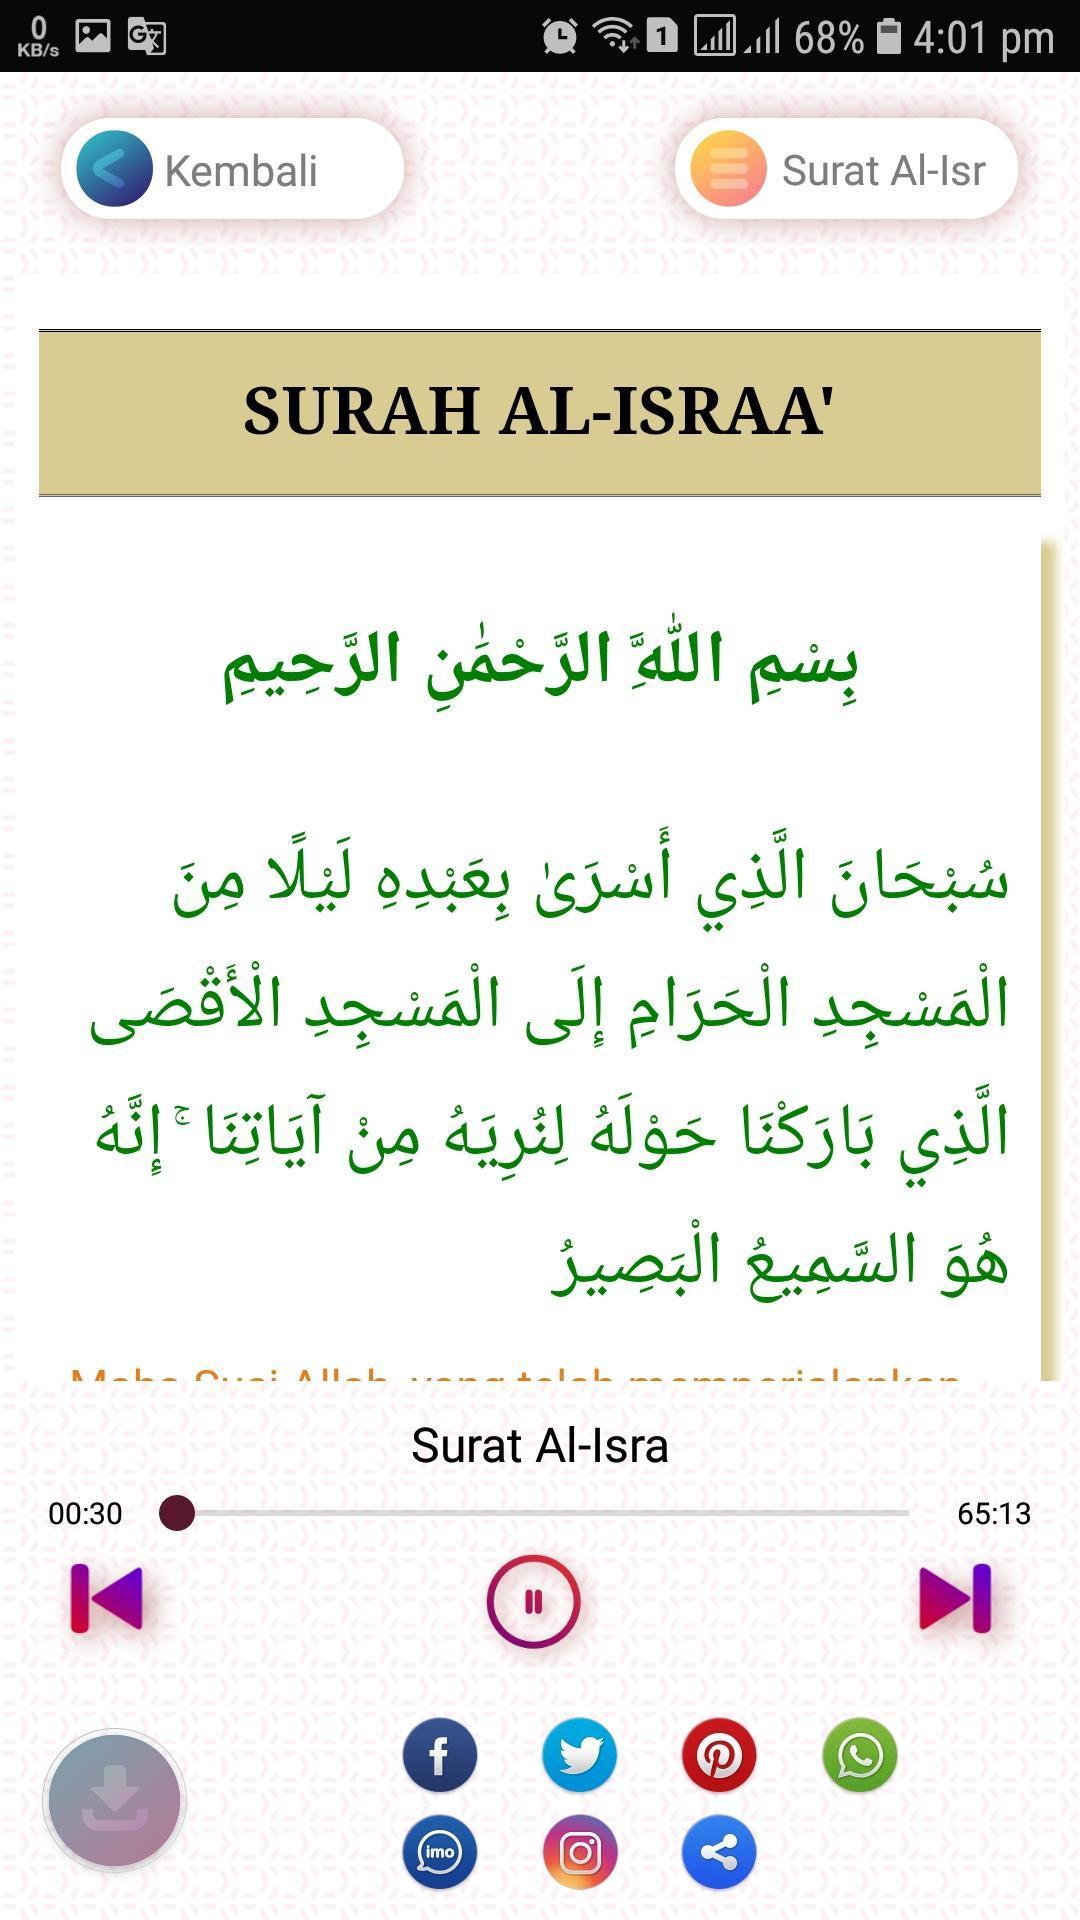 Surat Al Isra Mp3 Beserta Artinya For Android Apk Download